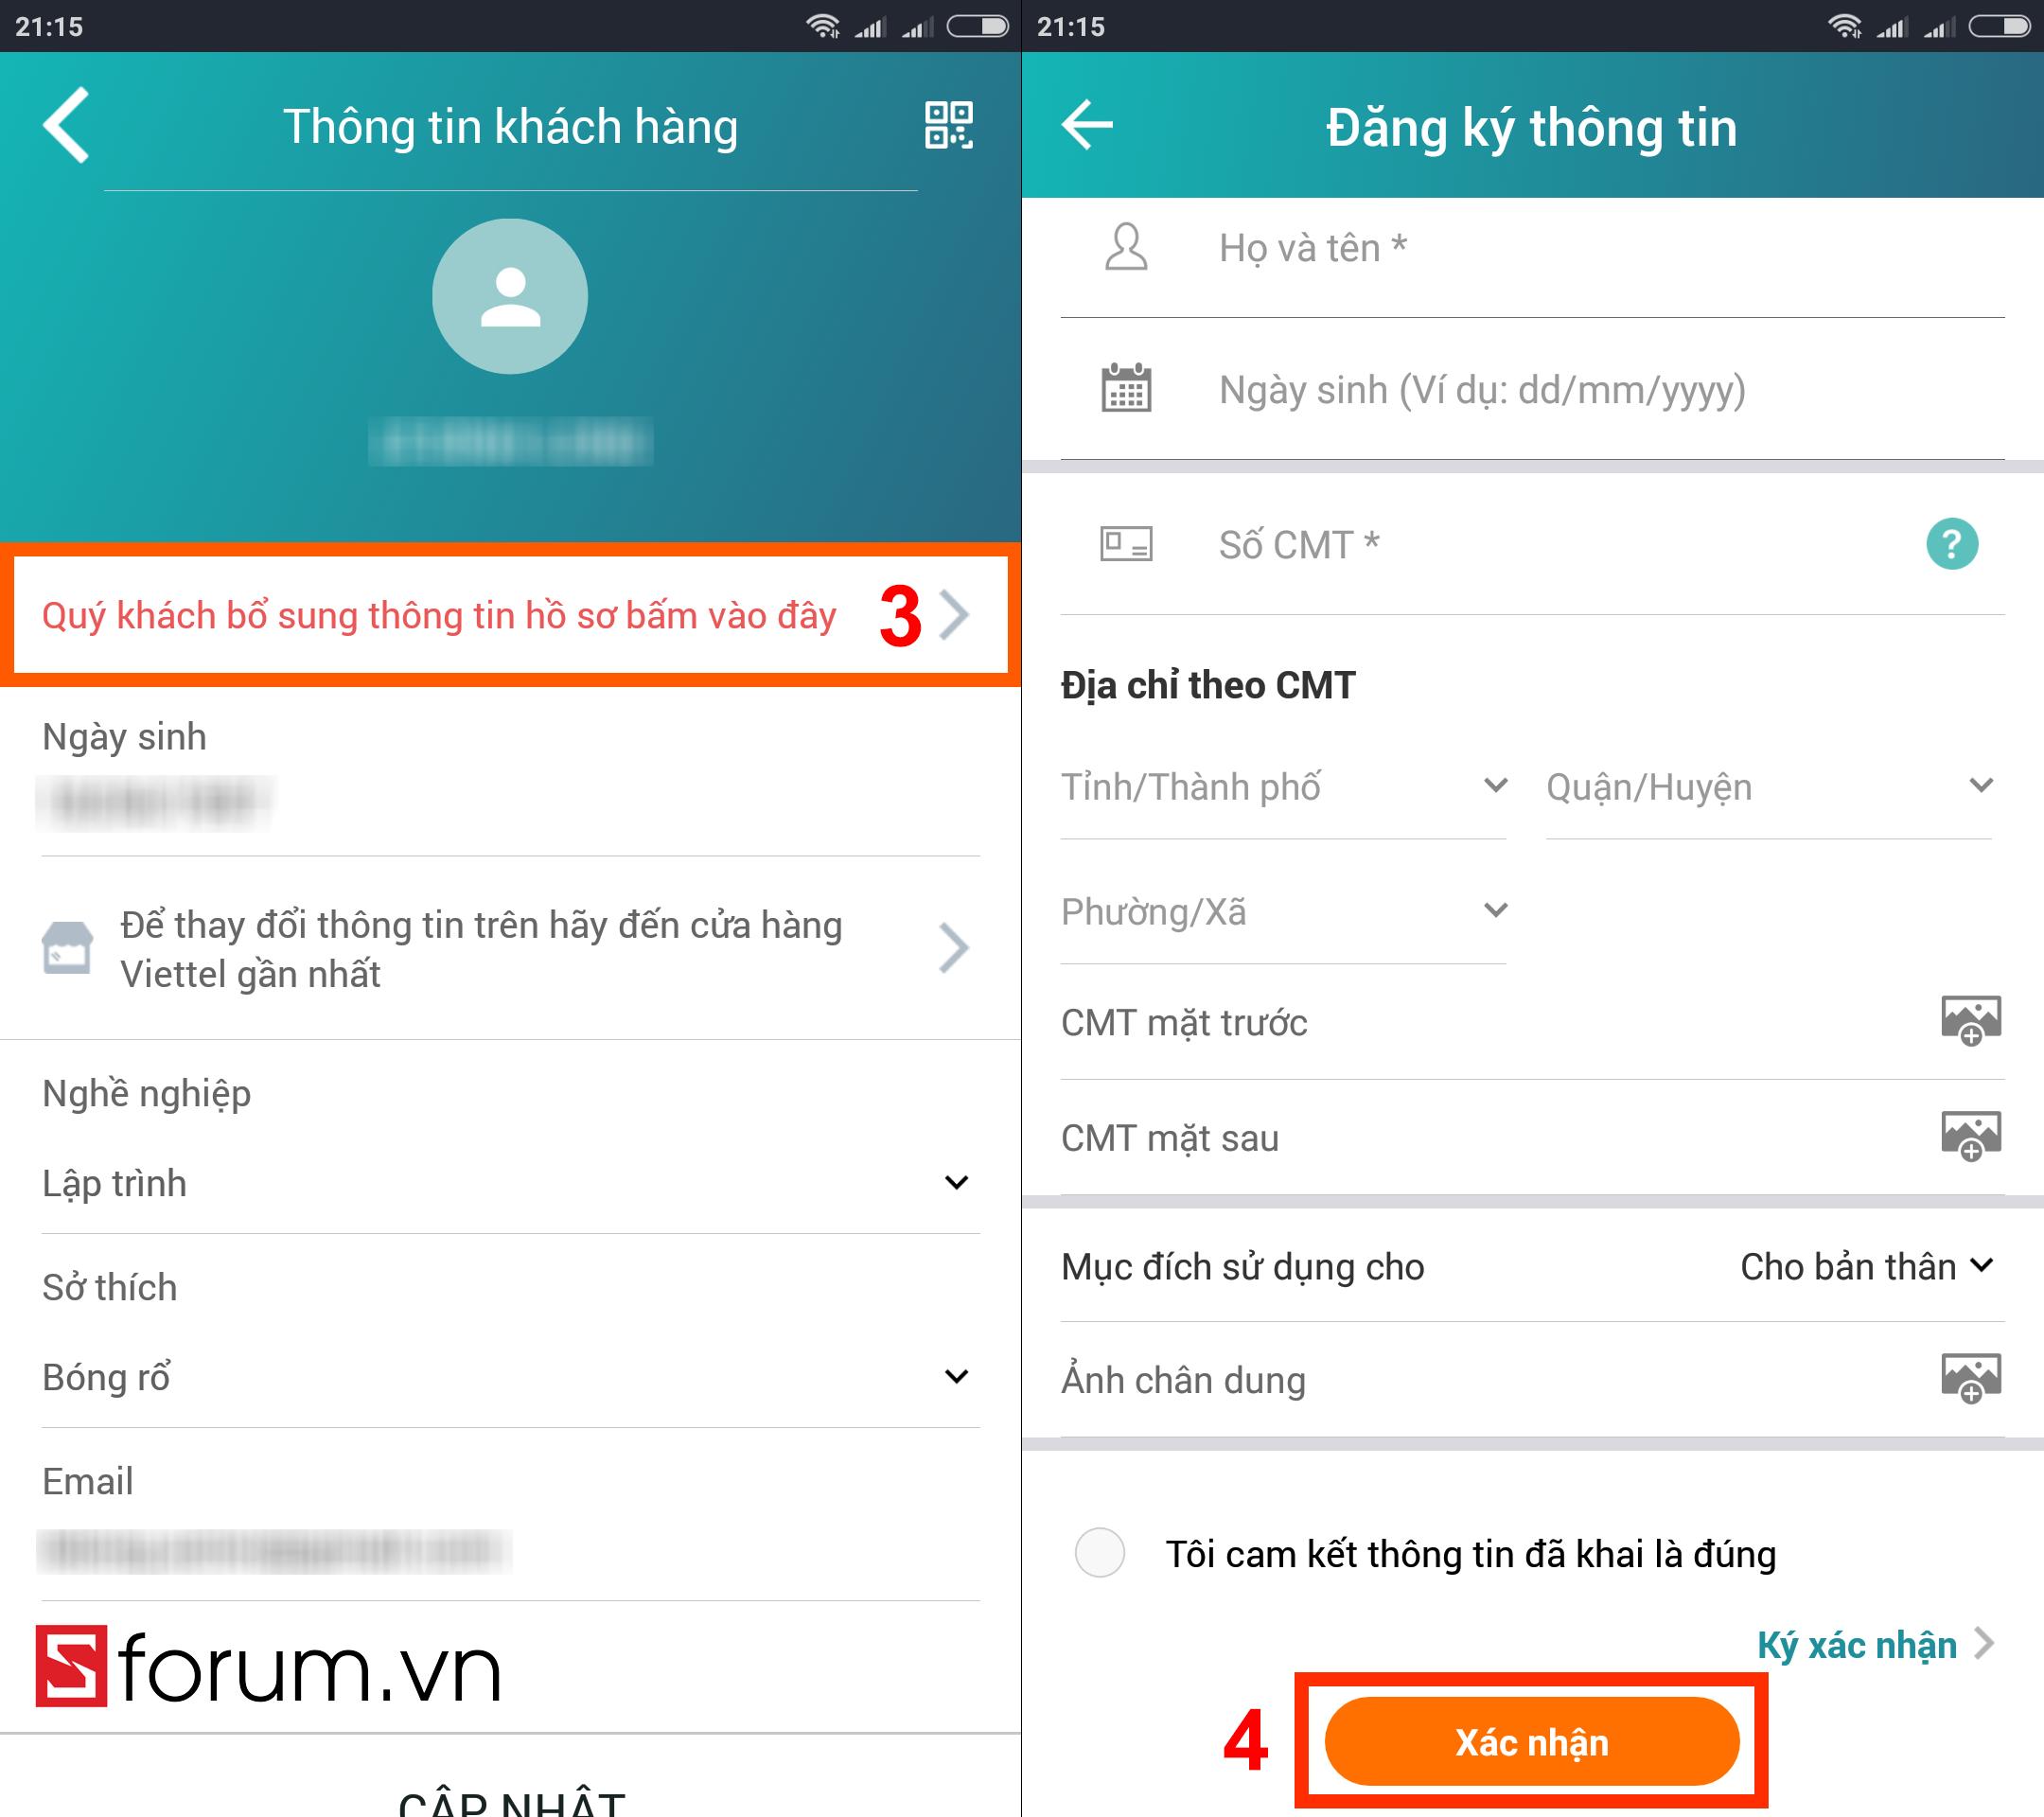 Sforum - Trang thông tin công nghệ mới nhất dk-tttb-viettel-sforum-5 Hướng dẫn tra cứu và cập nhật thông tin thuê bao Viettel ngay tại nhà bằng smartphone